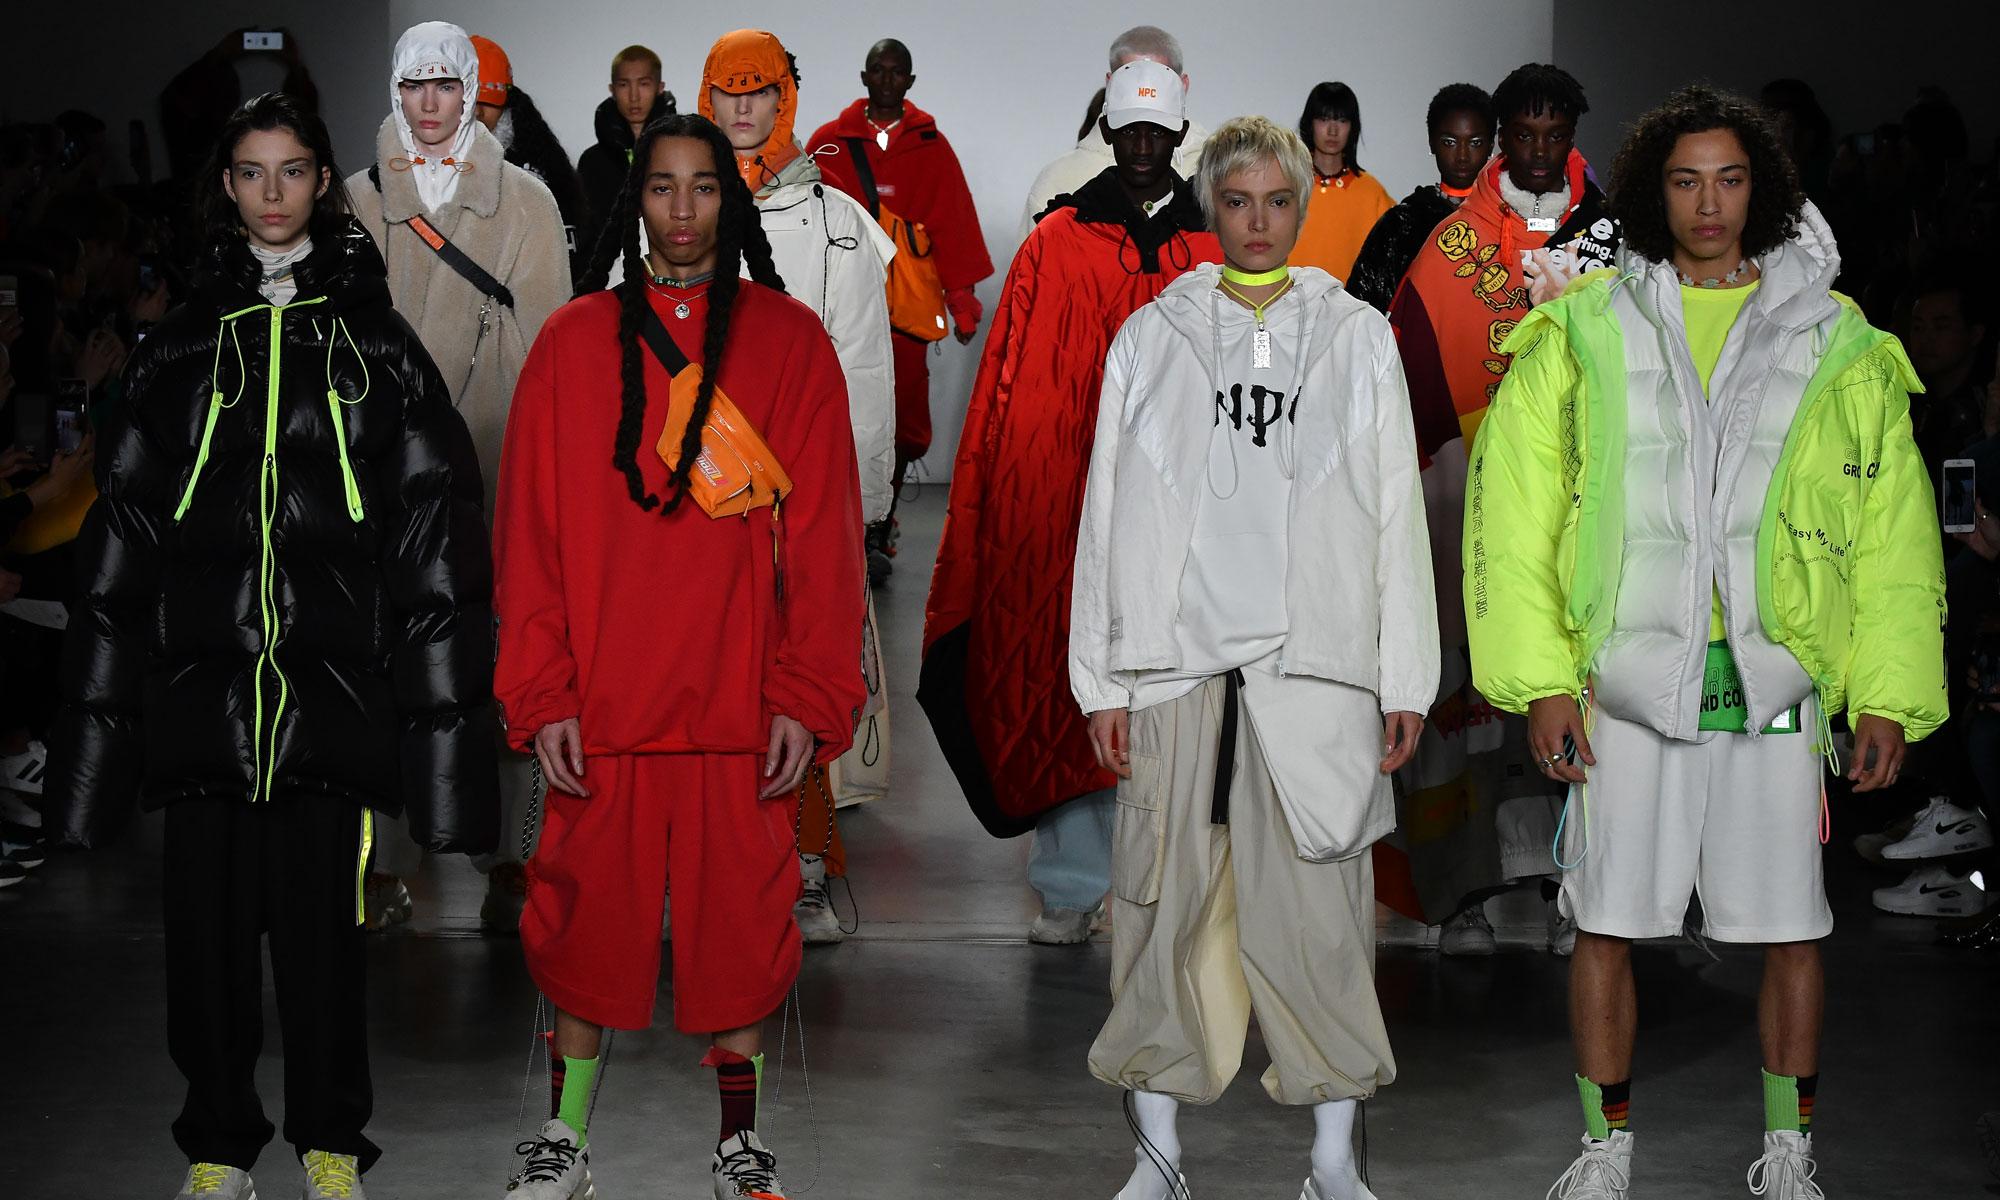 适逢 10 周年,NPC 在时装周上向世界介绍了几个国潮